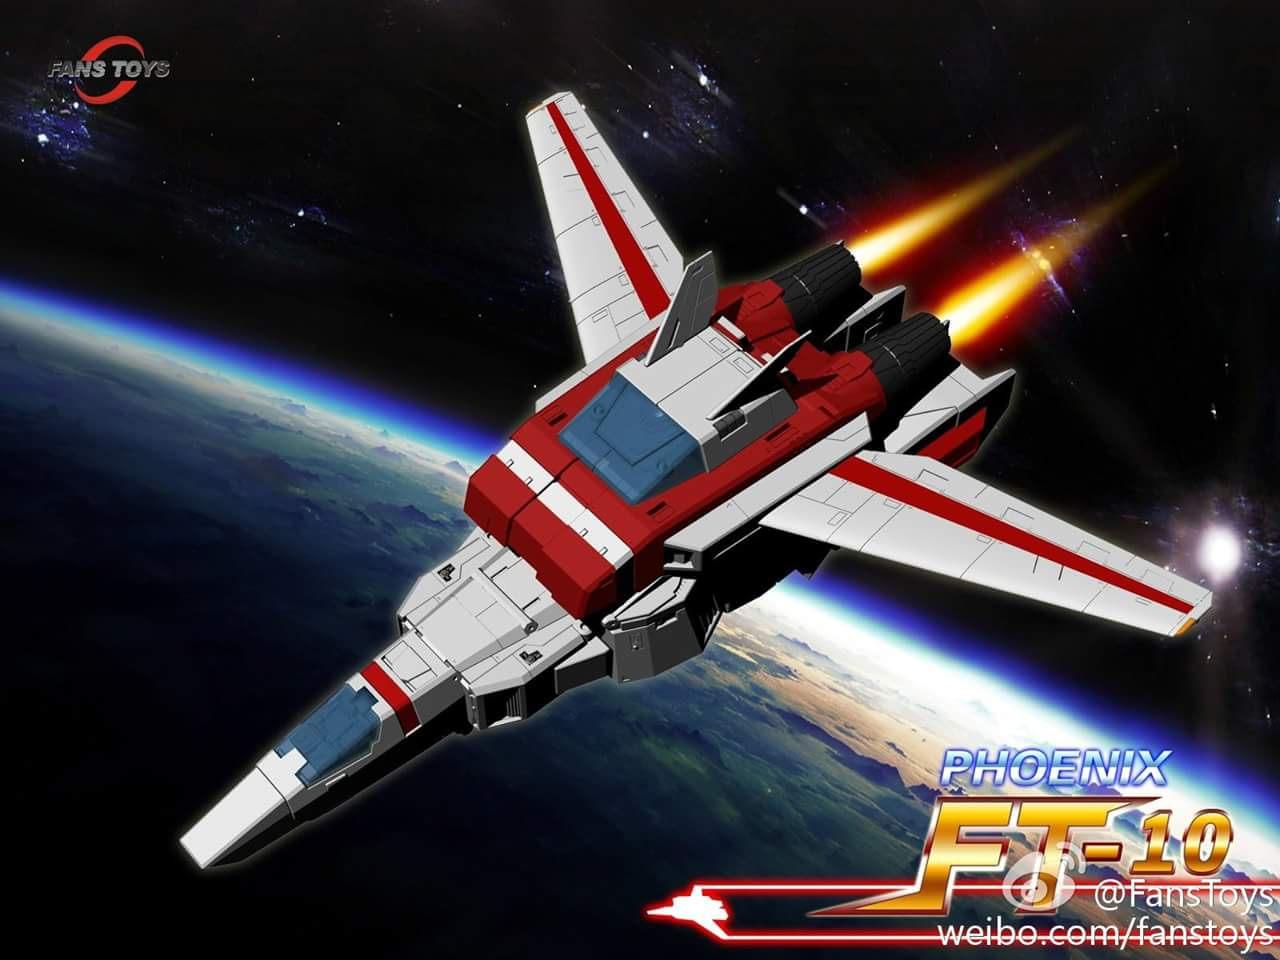 [Fanstoys] Produit Tiers - Jouet FT-10 Phoenix - aka Skyfire/Aérobo XddwFVLE